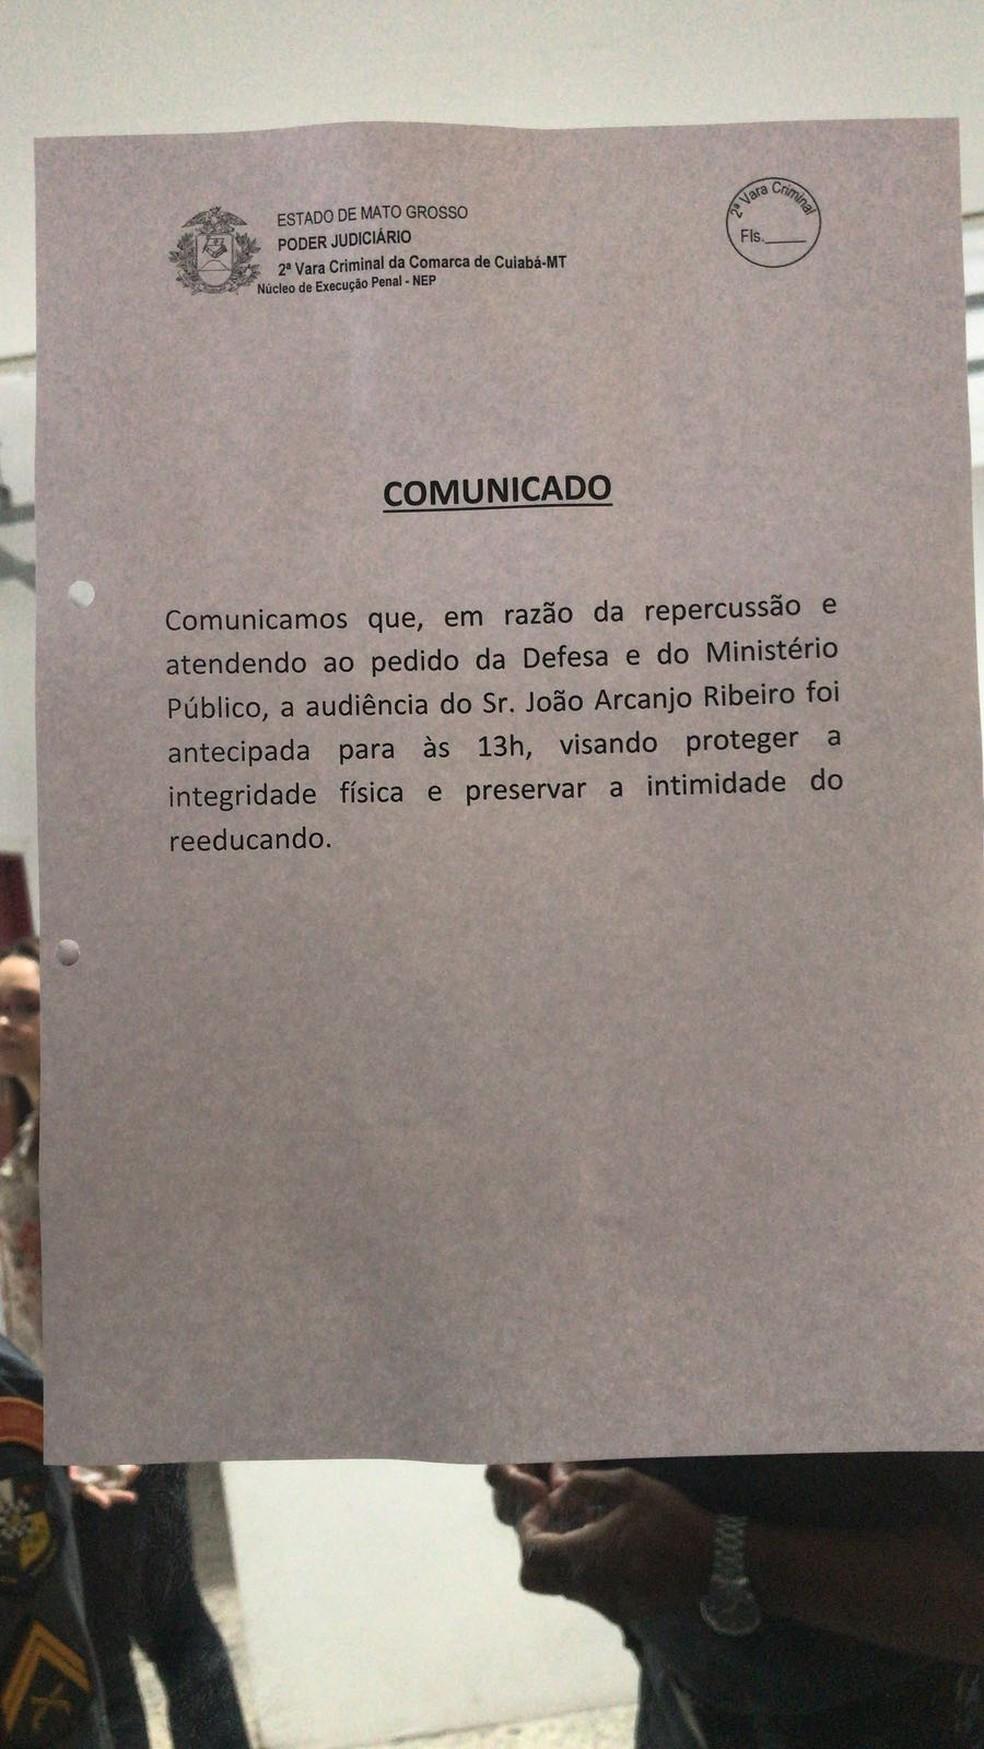 Comunicado diz que audiência foi antecipada (Foto: Lislaine dos Anjos/ G1)